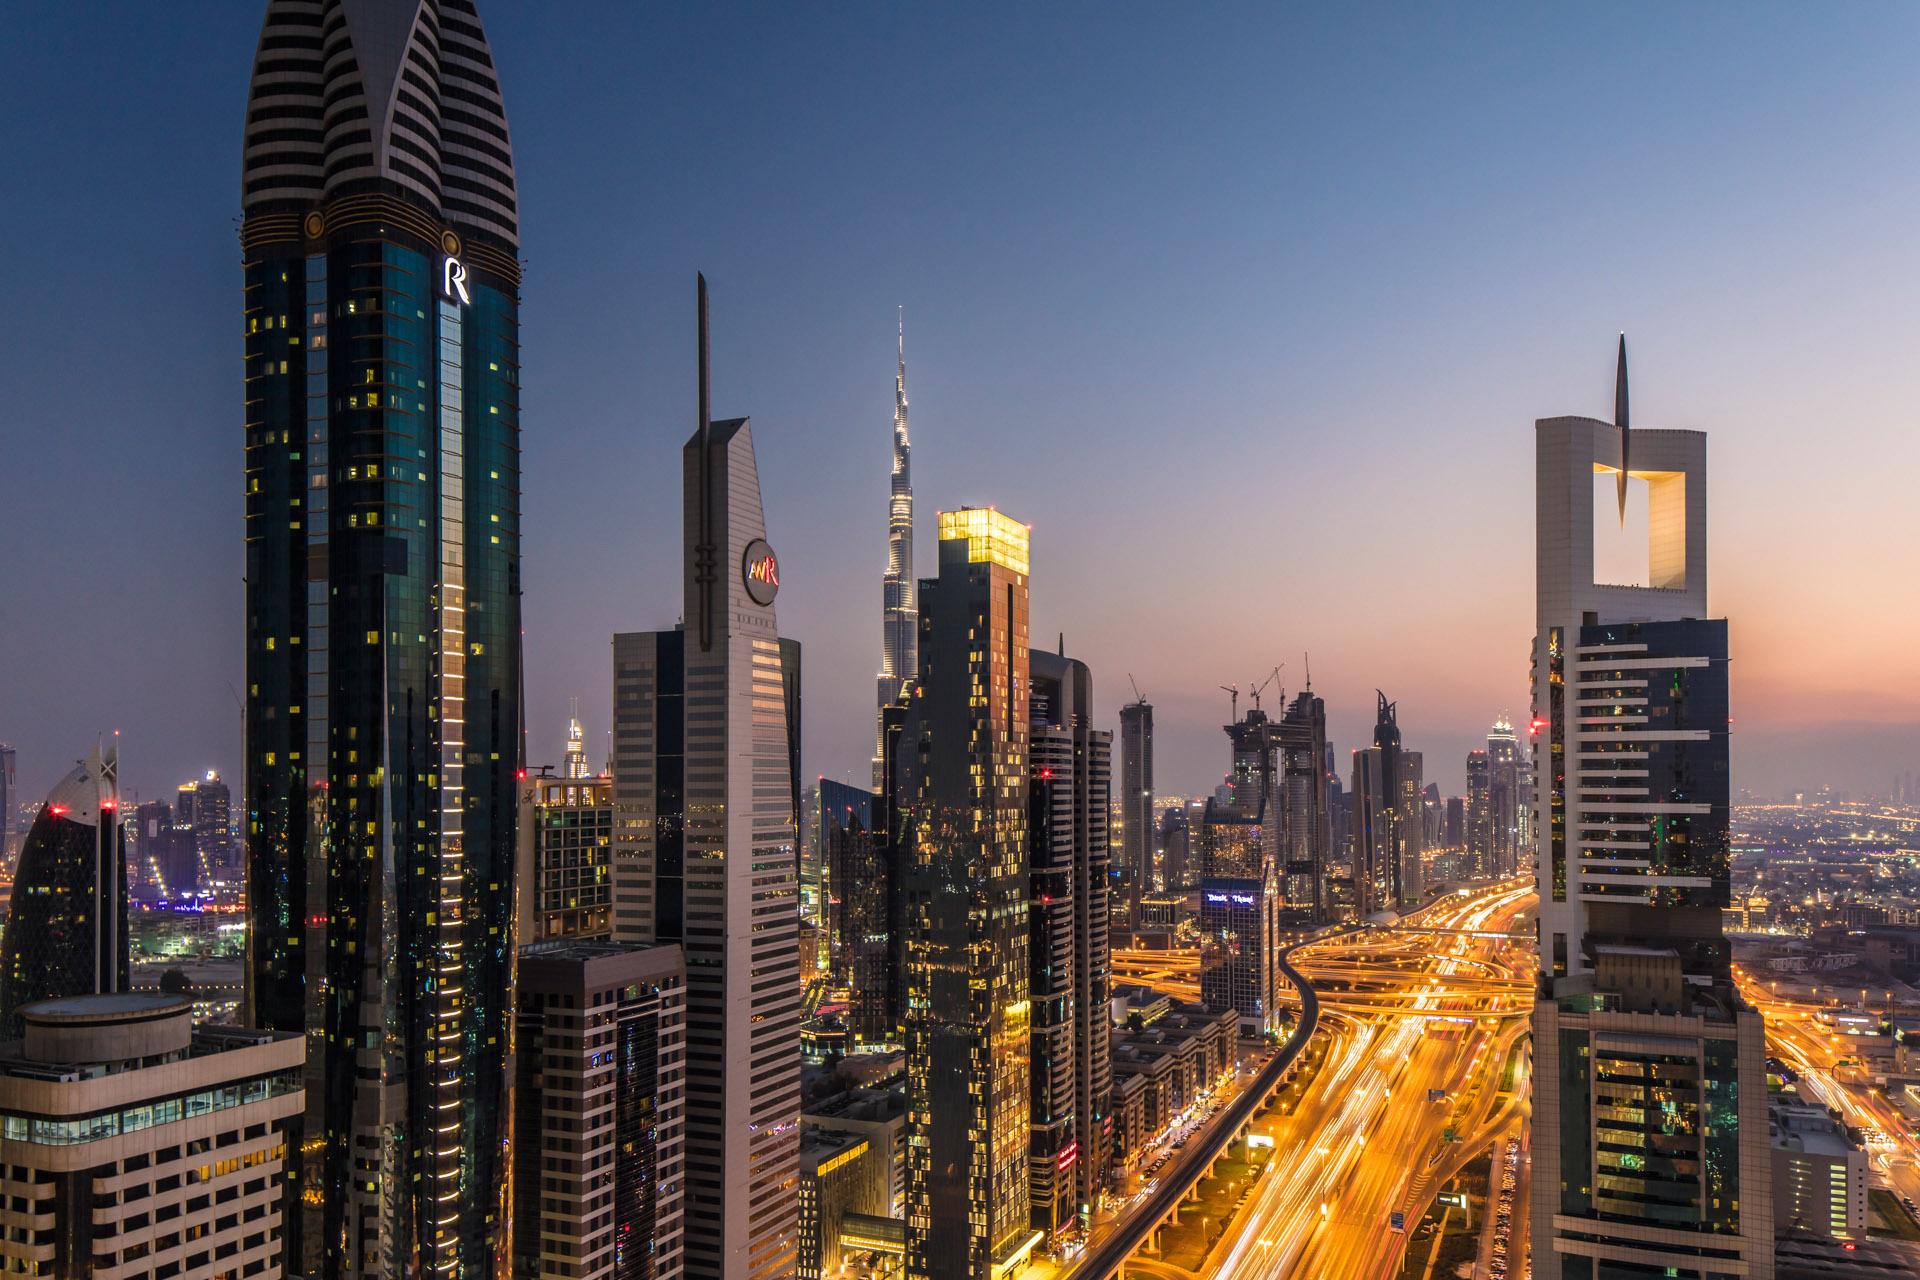 A9A6753 - Dubai